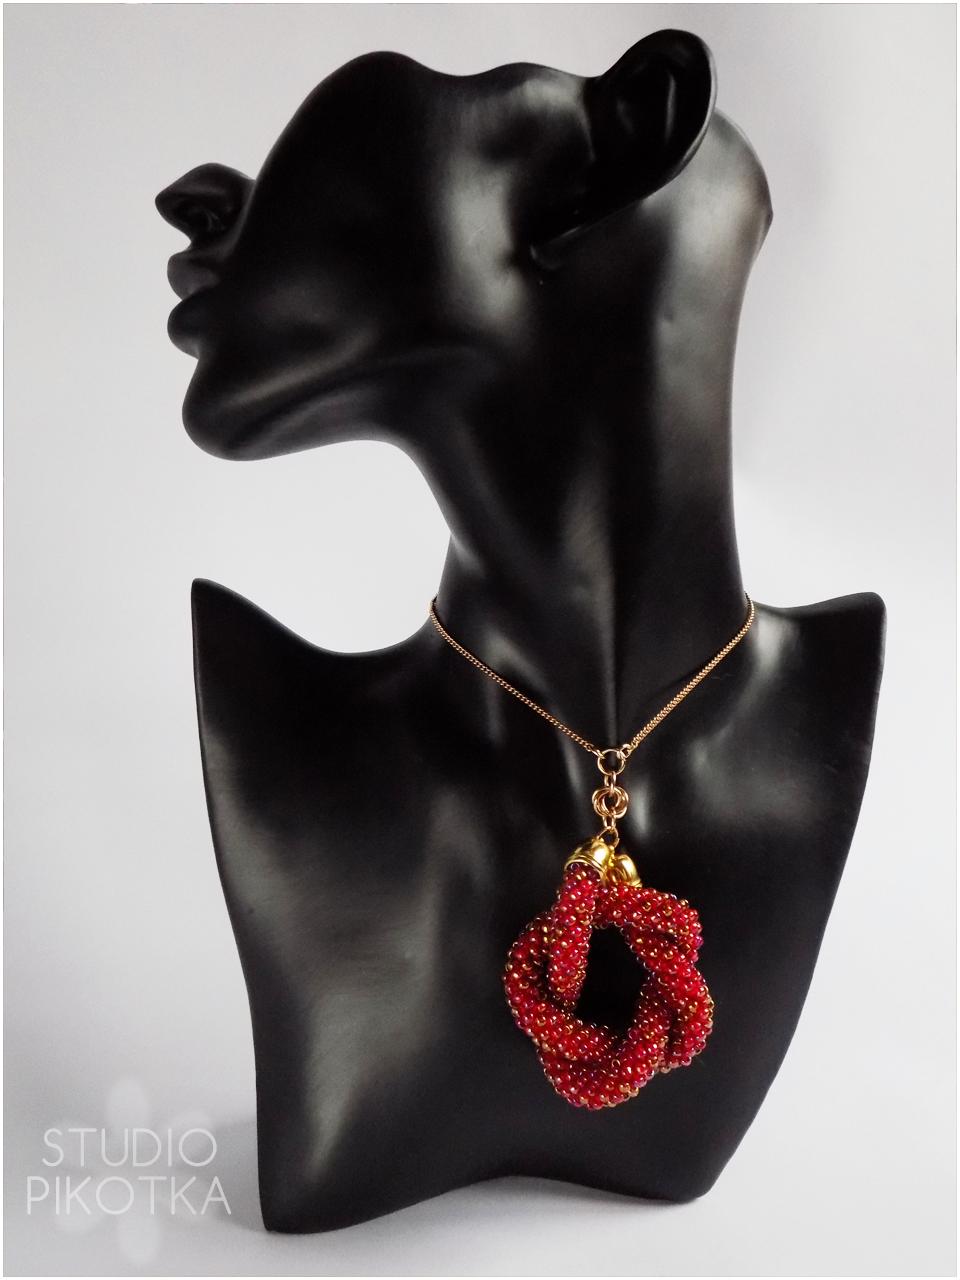 ukośnik, toho round, chainmaille, sznur szydełkowo-koralikowy, rękodzieło, wisior, handmade, biżuteria, jewellery